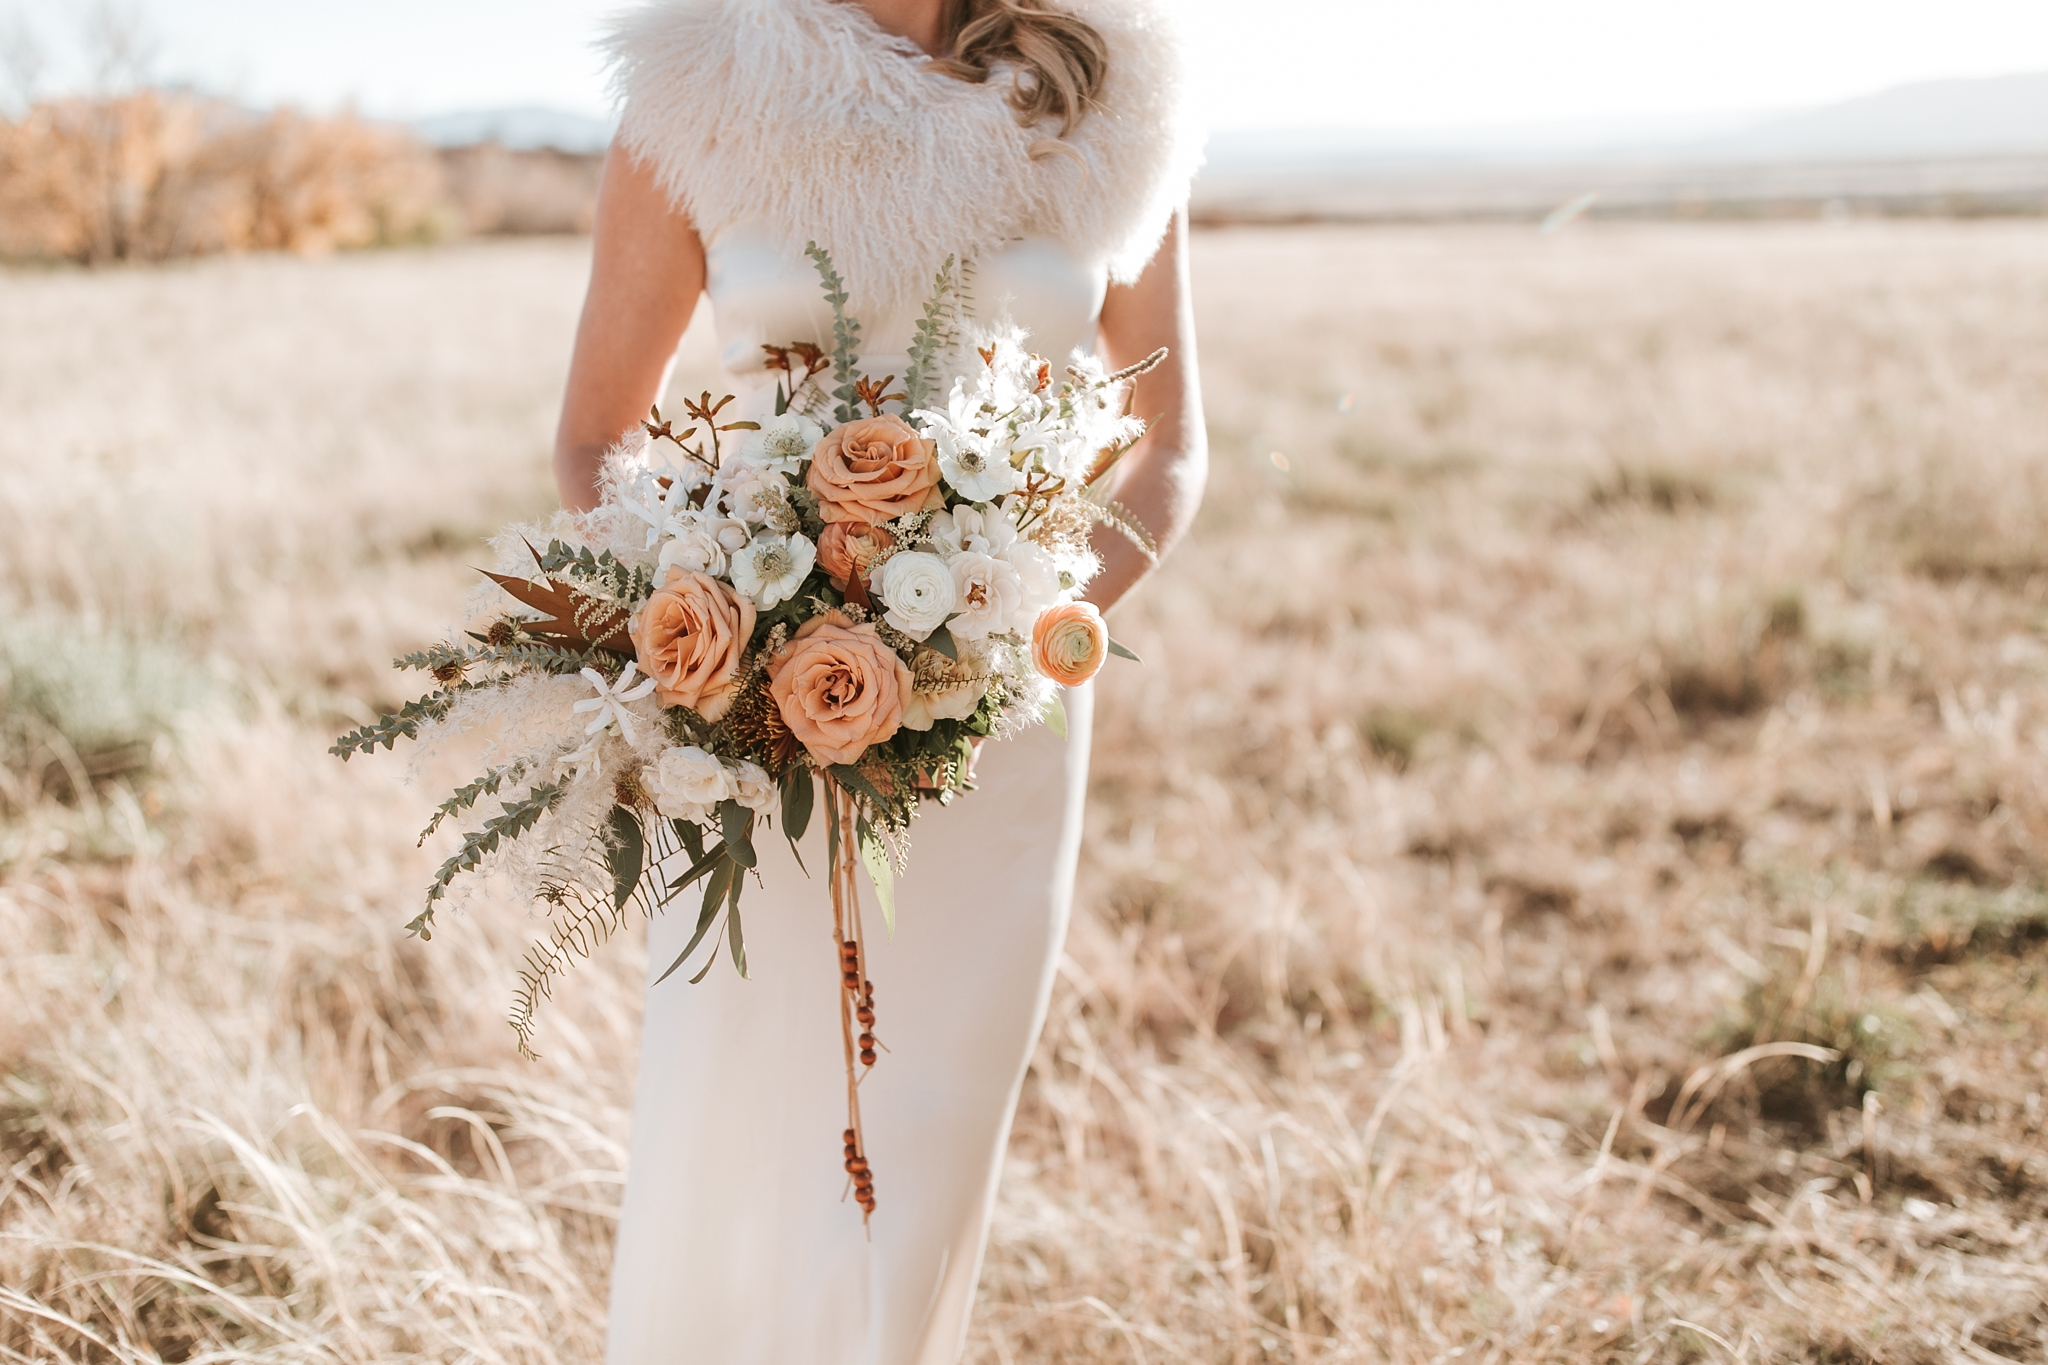 Alicia+lucia+photography+-+albuquerque+wedding+photographer+-+santa+fe+wedding+photography+-+new+mexico+wedding+photographer+-+new+mexico+wedding+-+new+mexico+wedding+-+wedding+florals+-+desert+wedding+-+wedding+trends_0056.jpg